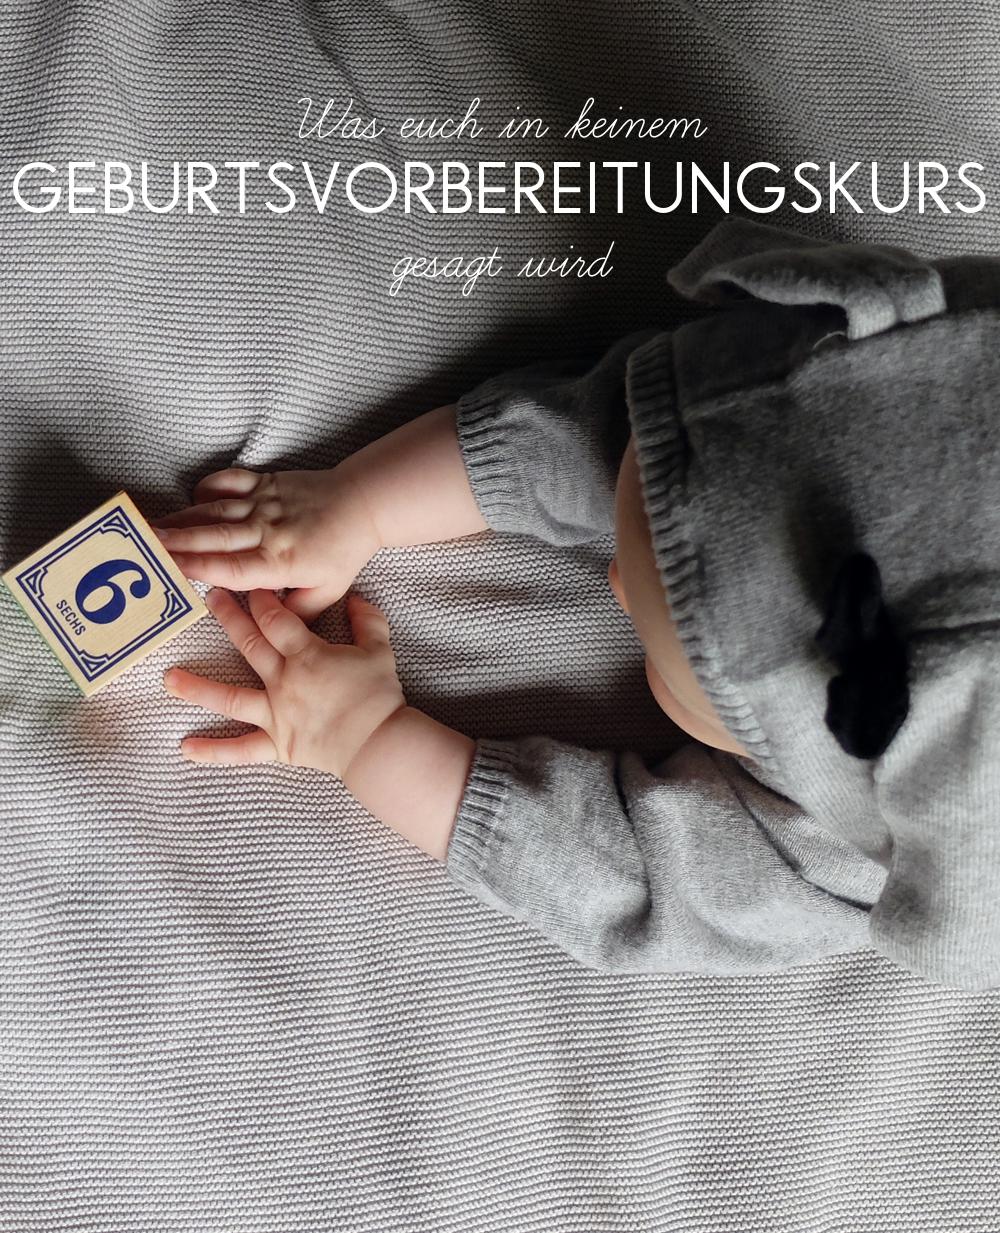 Was euch in keinem Geburtsvorbereitungskurs gesagt wird | Julie Fahrenheit